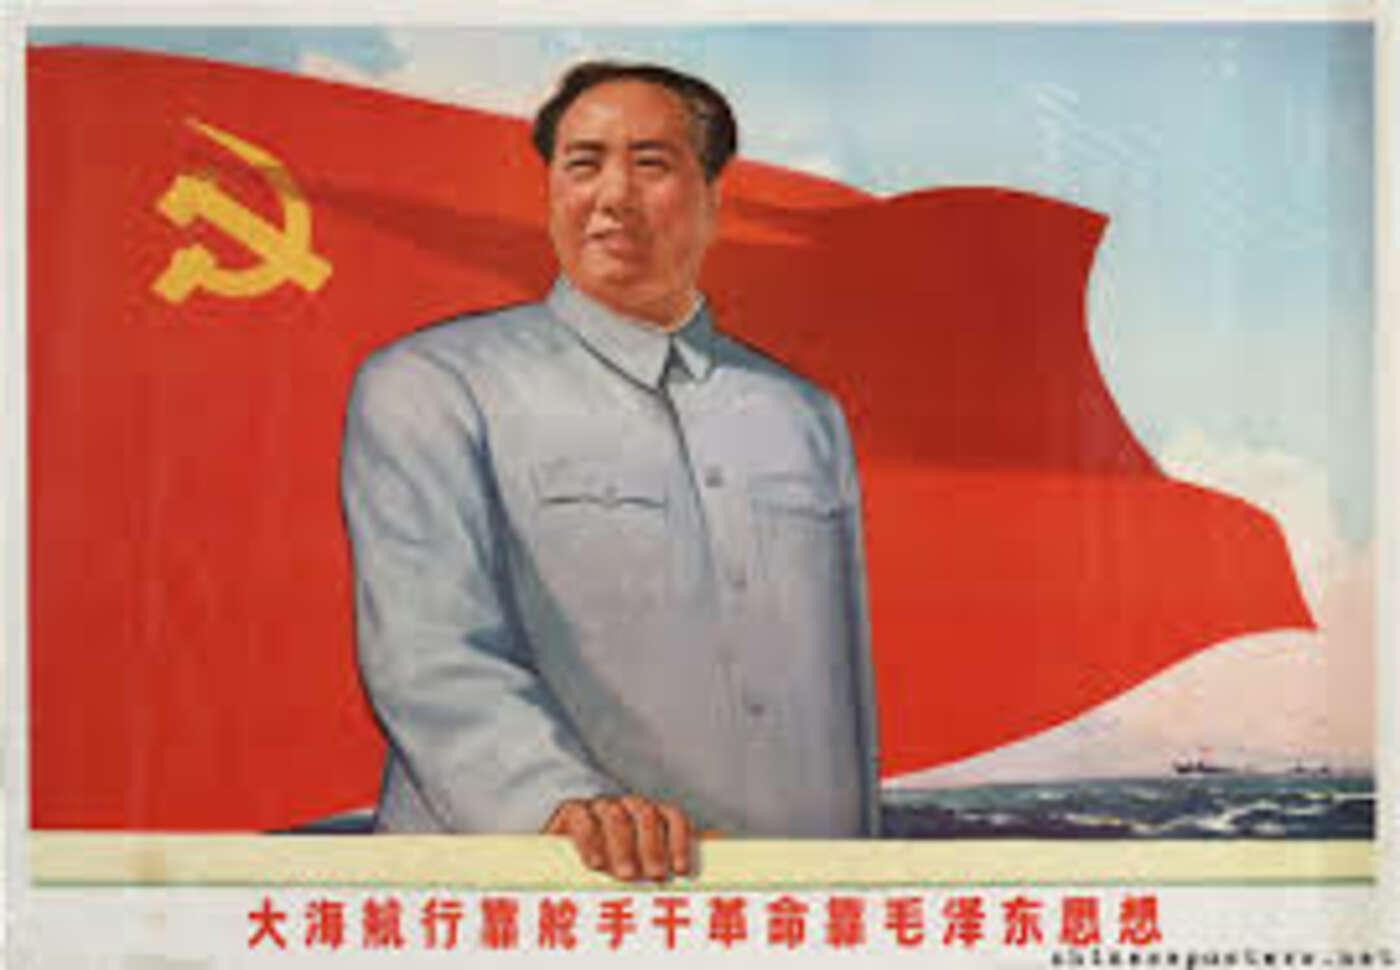 Bildergebnis für mao tsetung zweiter weltkrieg